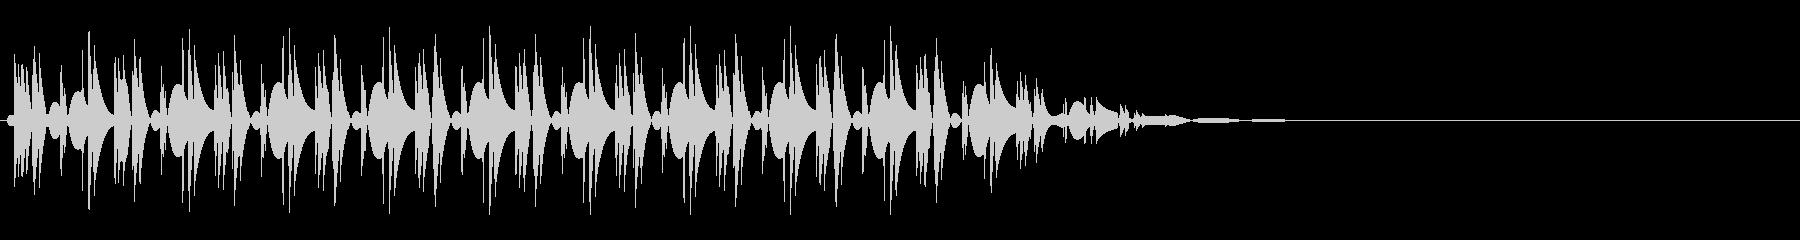 クイズ不正解(ブッ)の未再生の波形